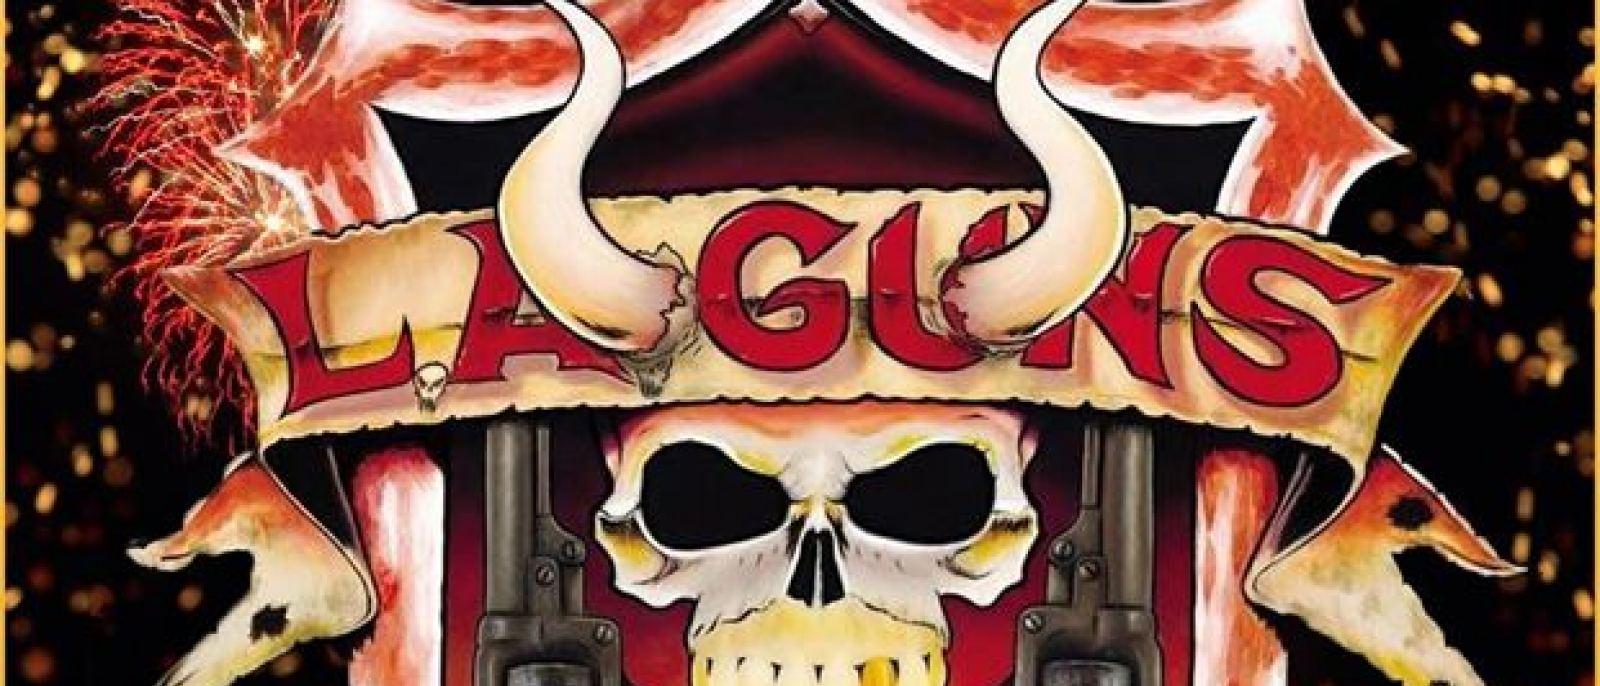 L.A. Guns NYE show at the Whisky A Go-Go on the Sunset Strip